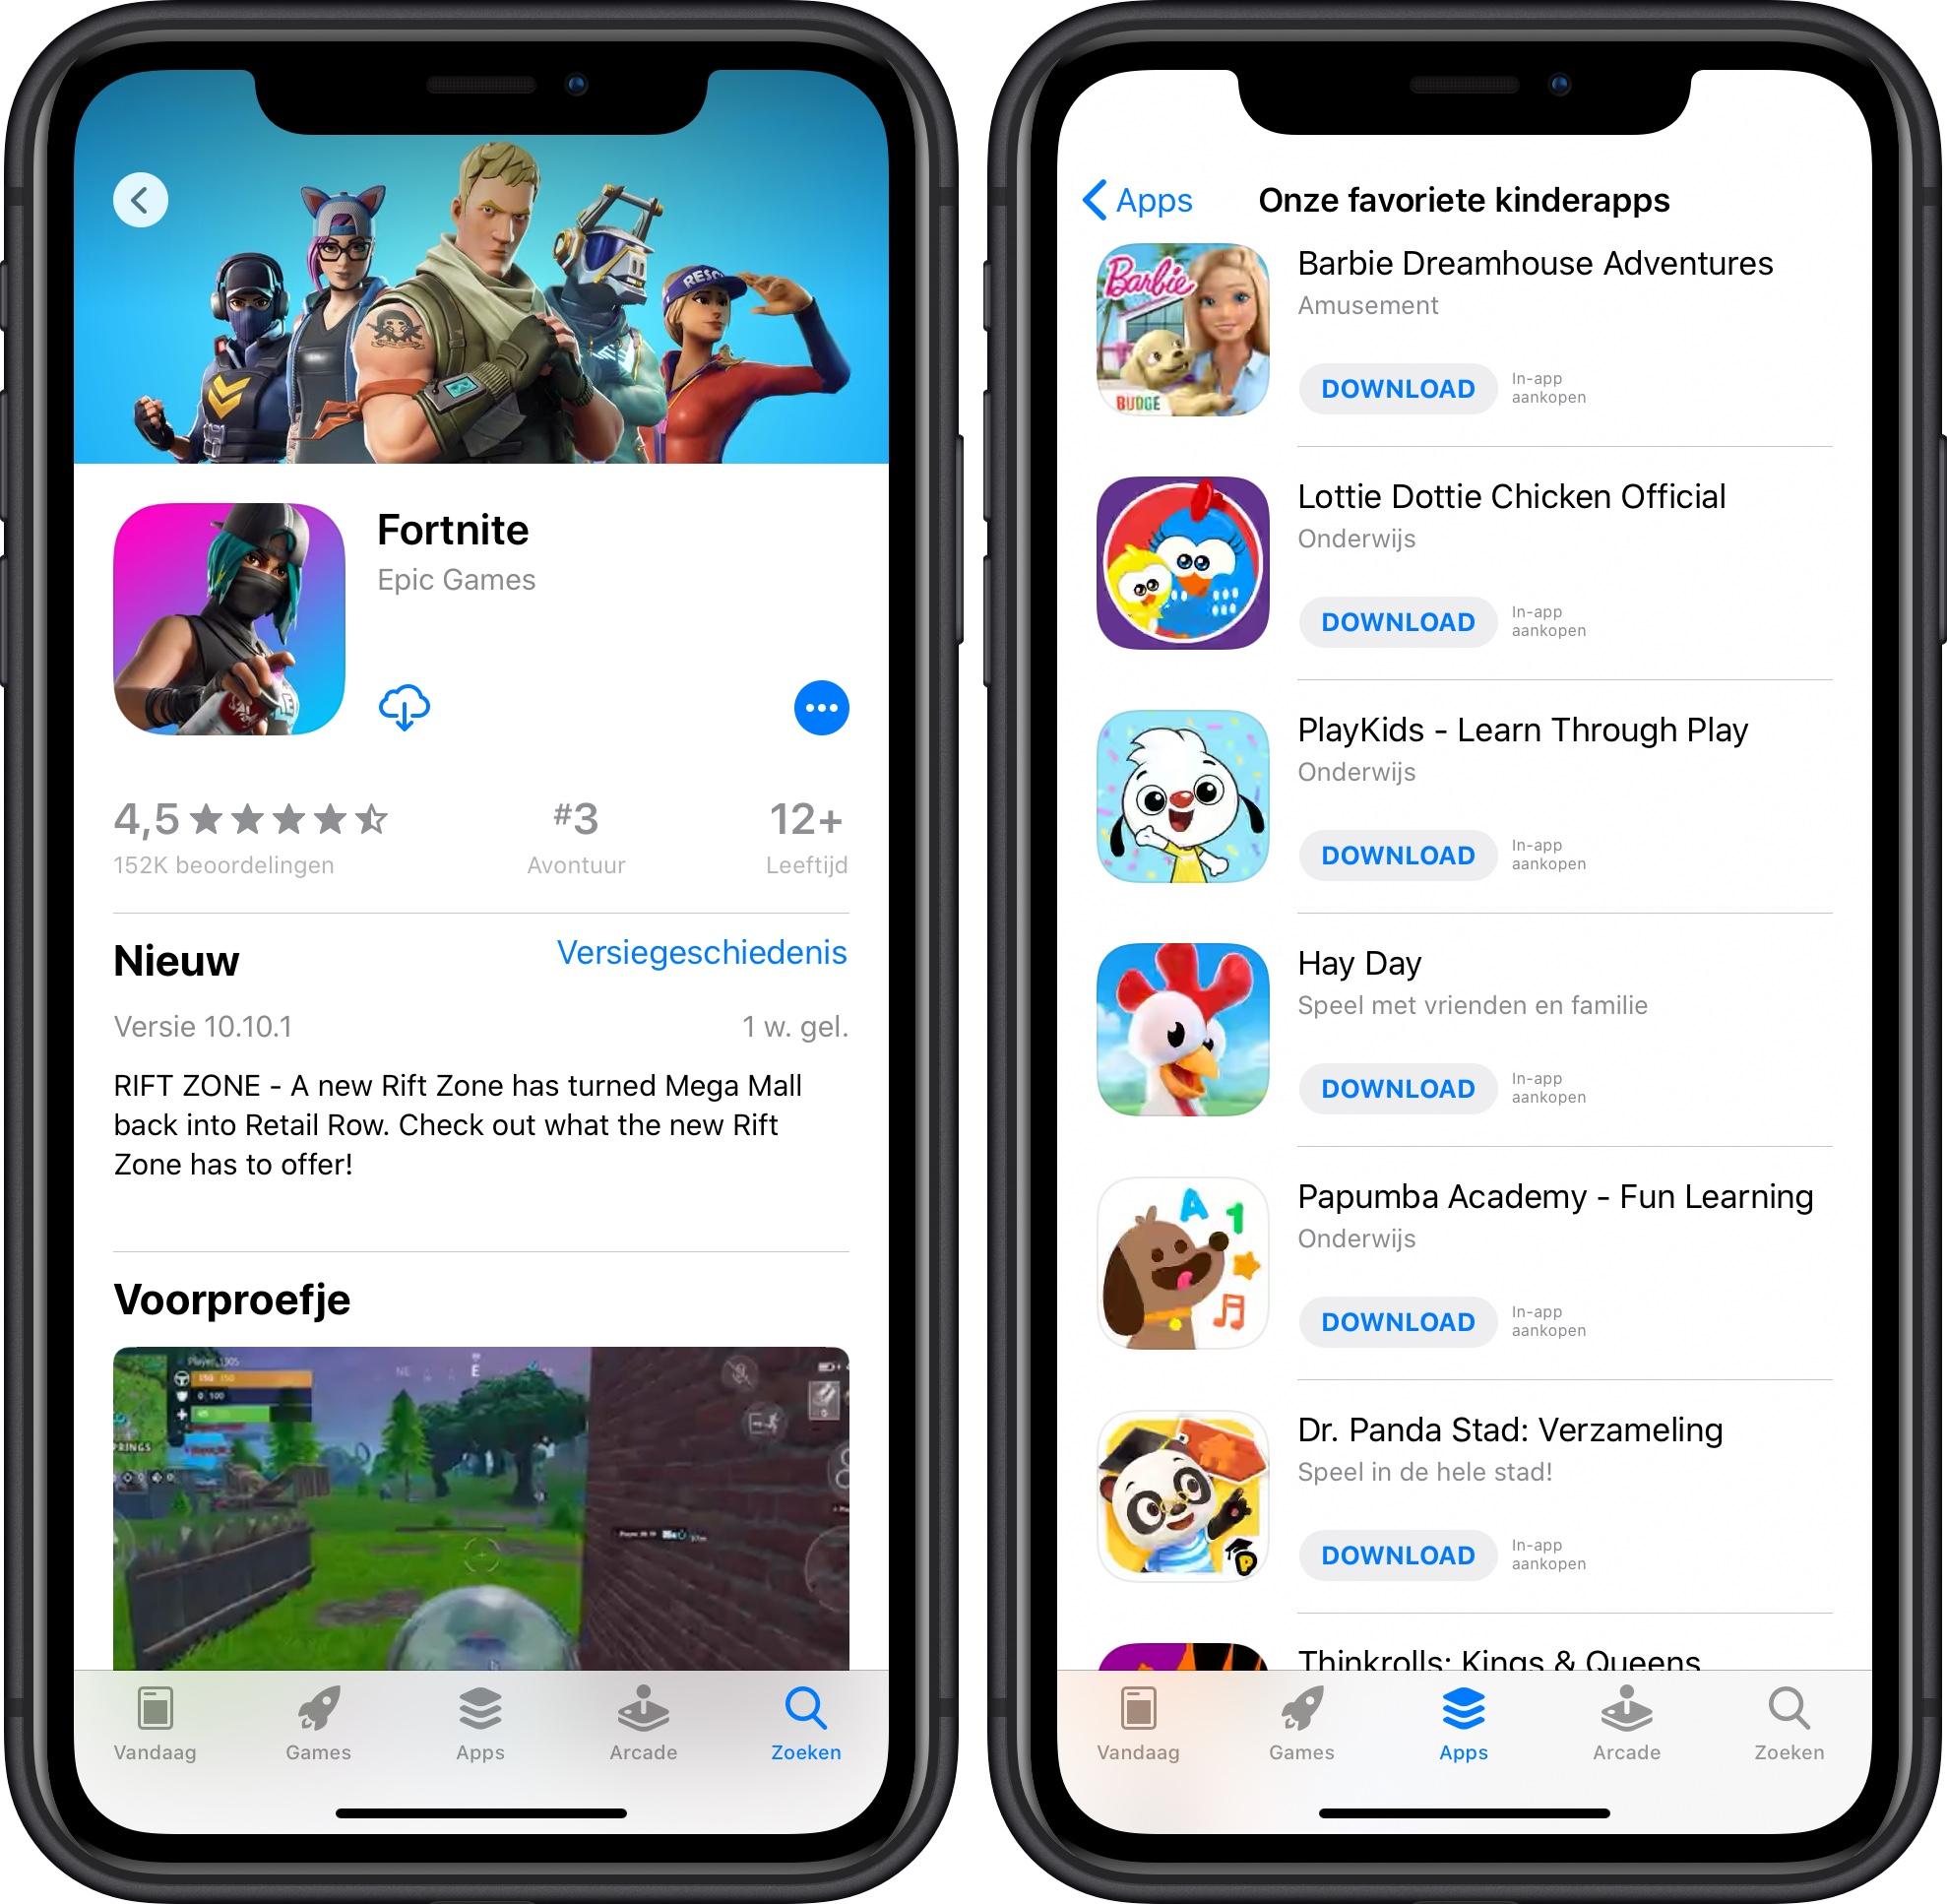 kinder-apps app store 001